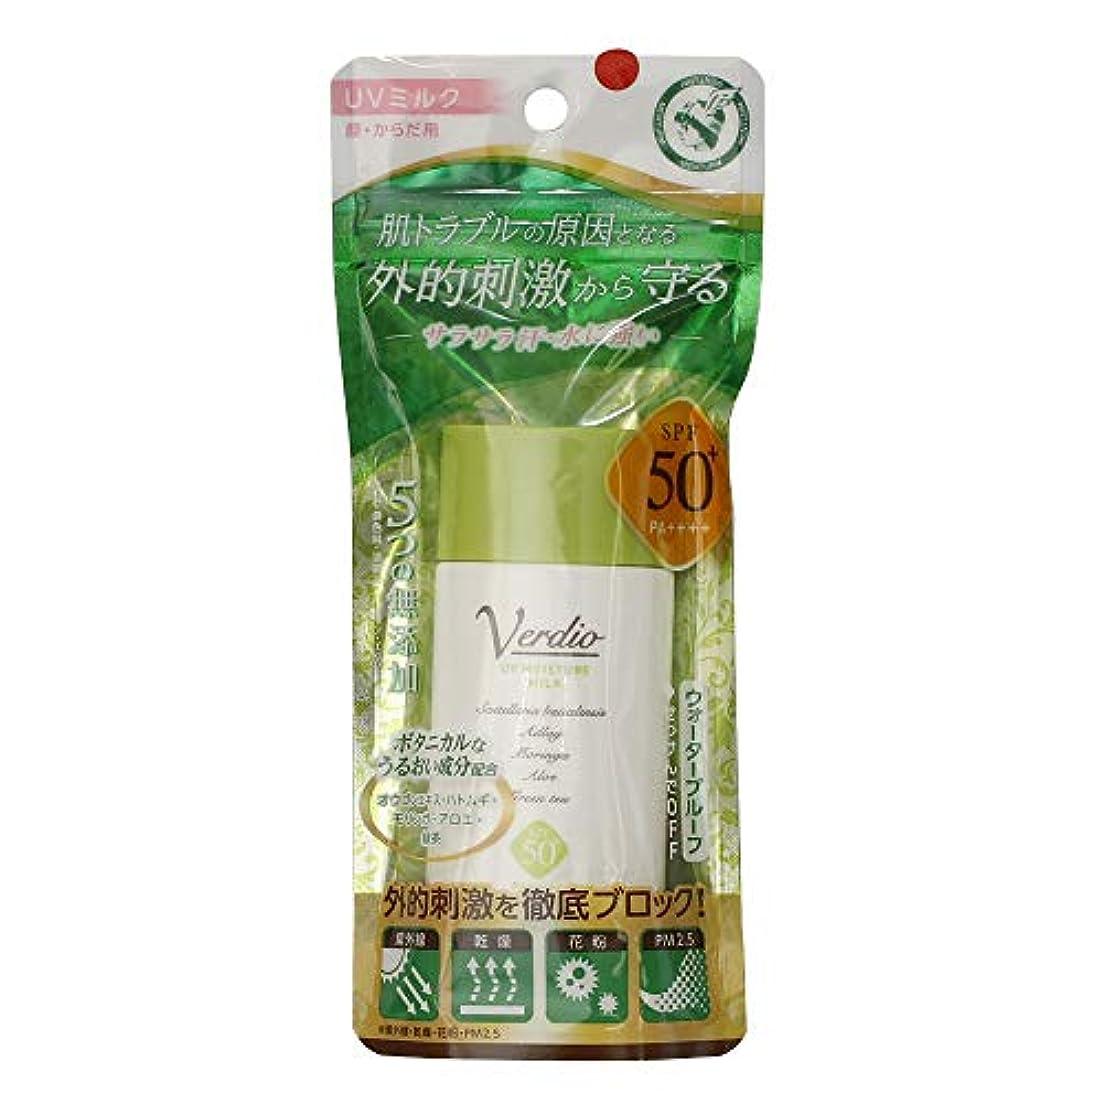 セラーバーマド。【6個セット】メンターム ベルディオ UV モイスチャーミルク 40g SPF50+ PA++++